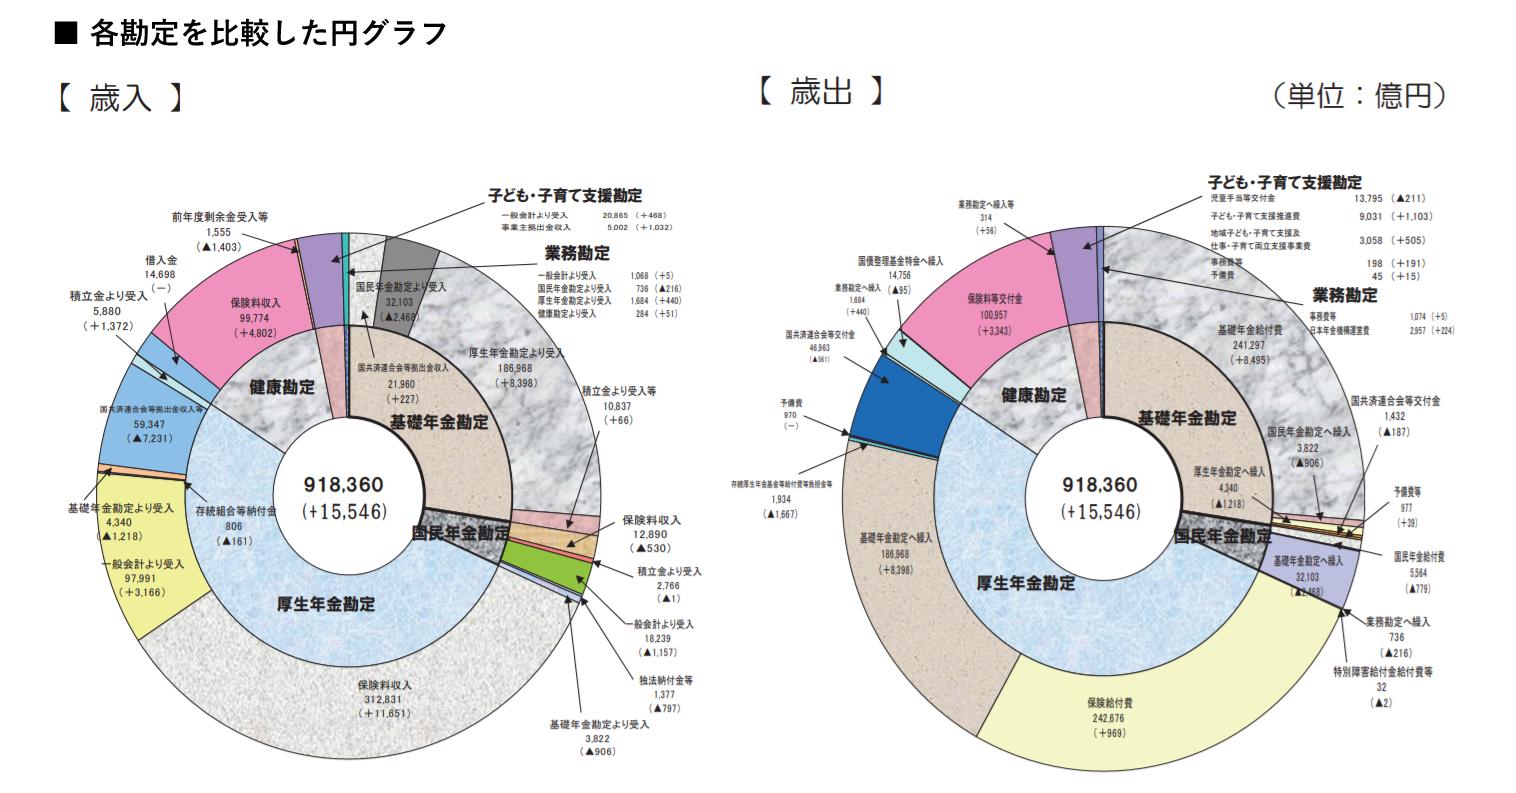 各勘定を比較した円グラフ イメージ画像